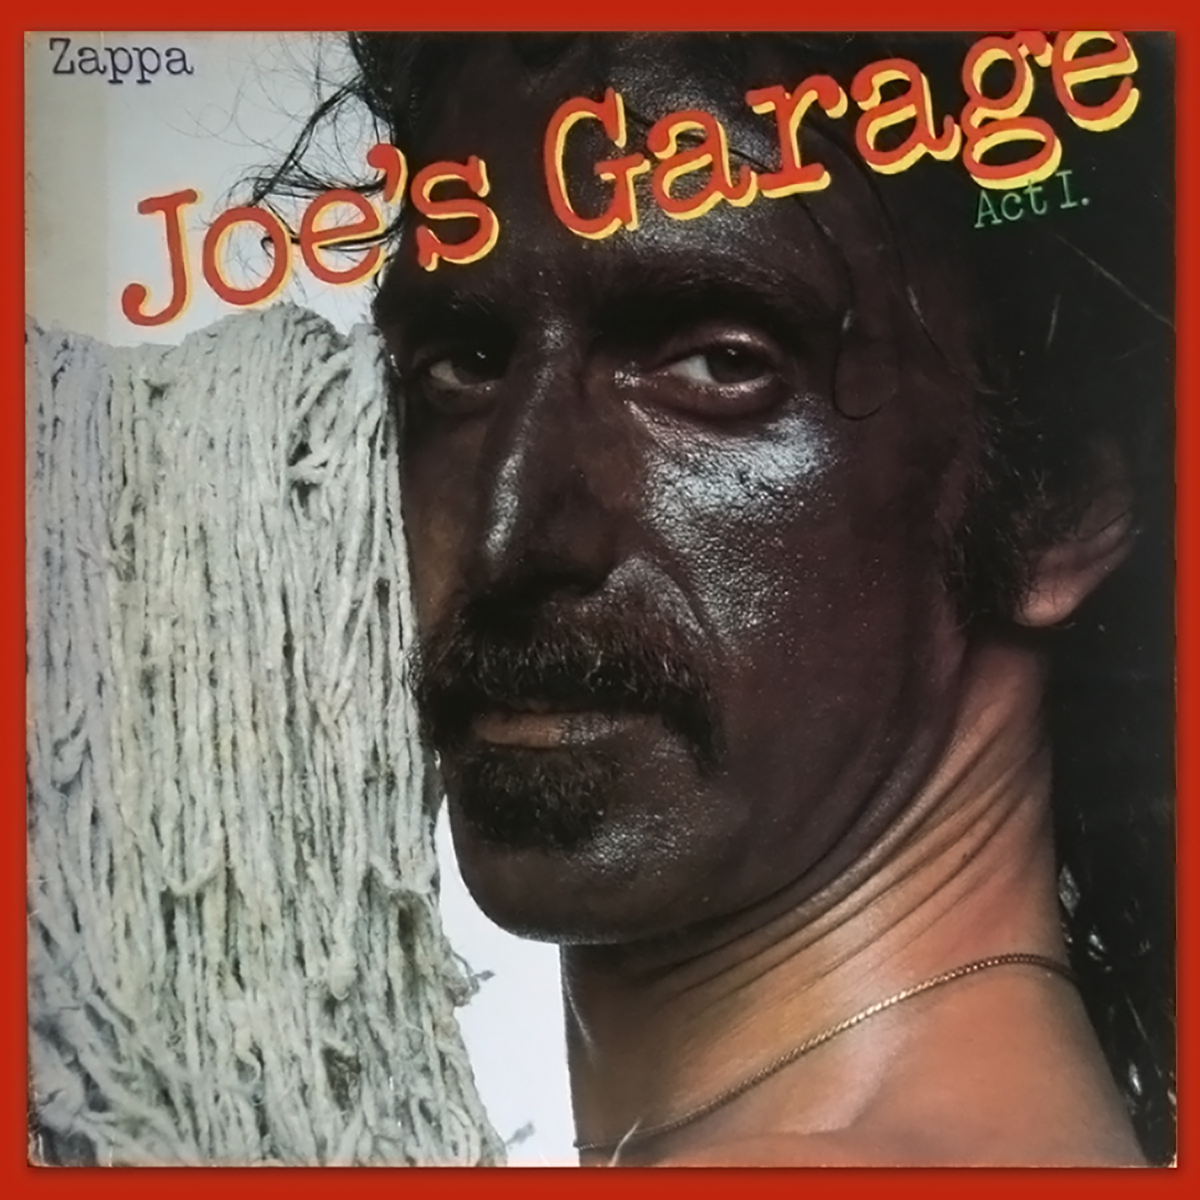 Frank Zappa - Joe's Garage Acts I, II & III (1979)